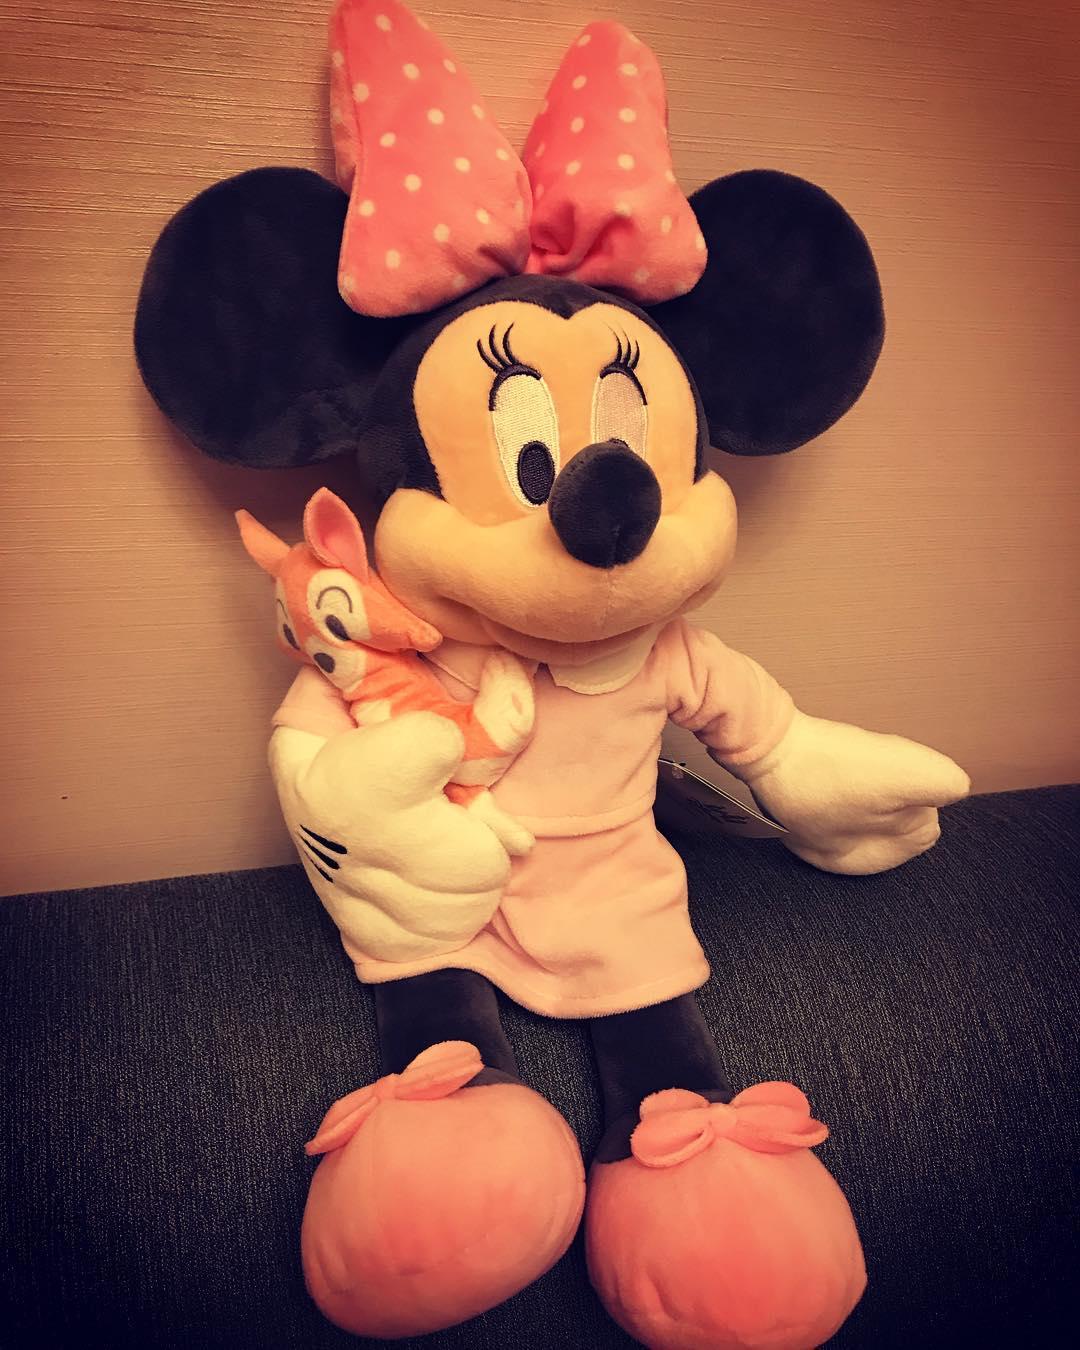 照片中,粉色裙子的minnie怀里抱着一只小狐狸,我们可爱的糖三岁还配